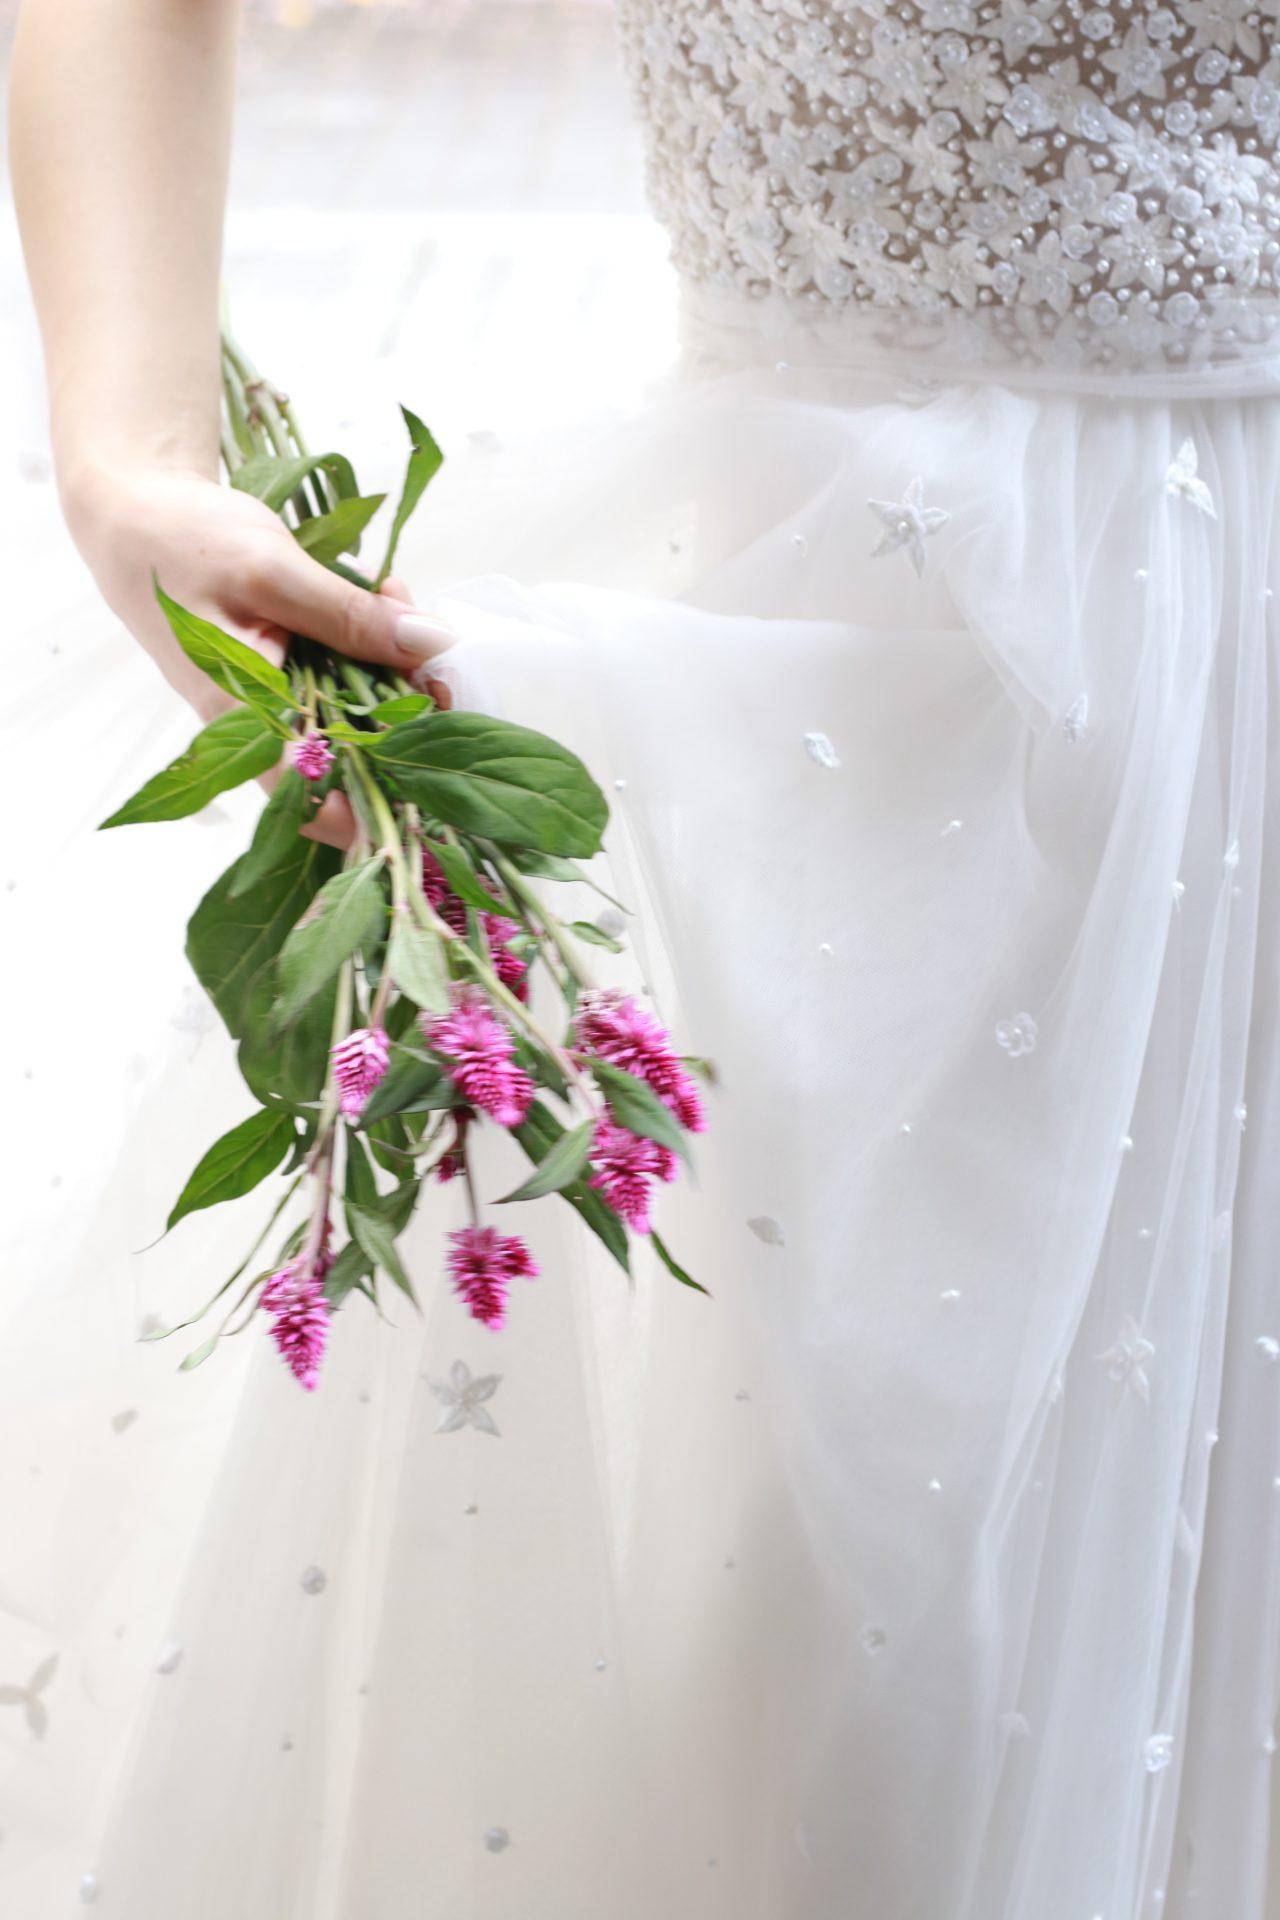 ふんだんにチュールを使用したAラインのウェディングドレスはグリーンと濃いめのピンクのお花を合わせていただくと柔らかい雰囲気を演出していただけます